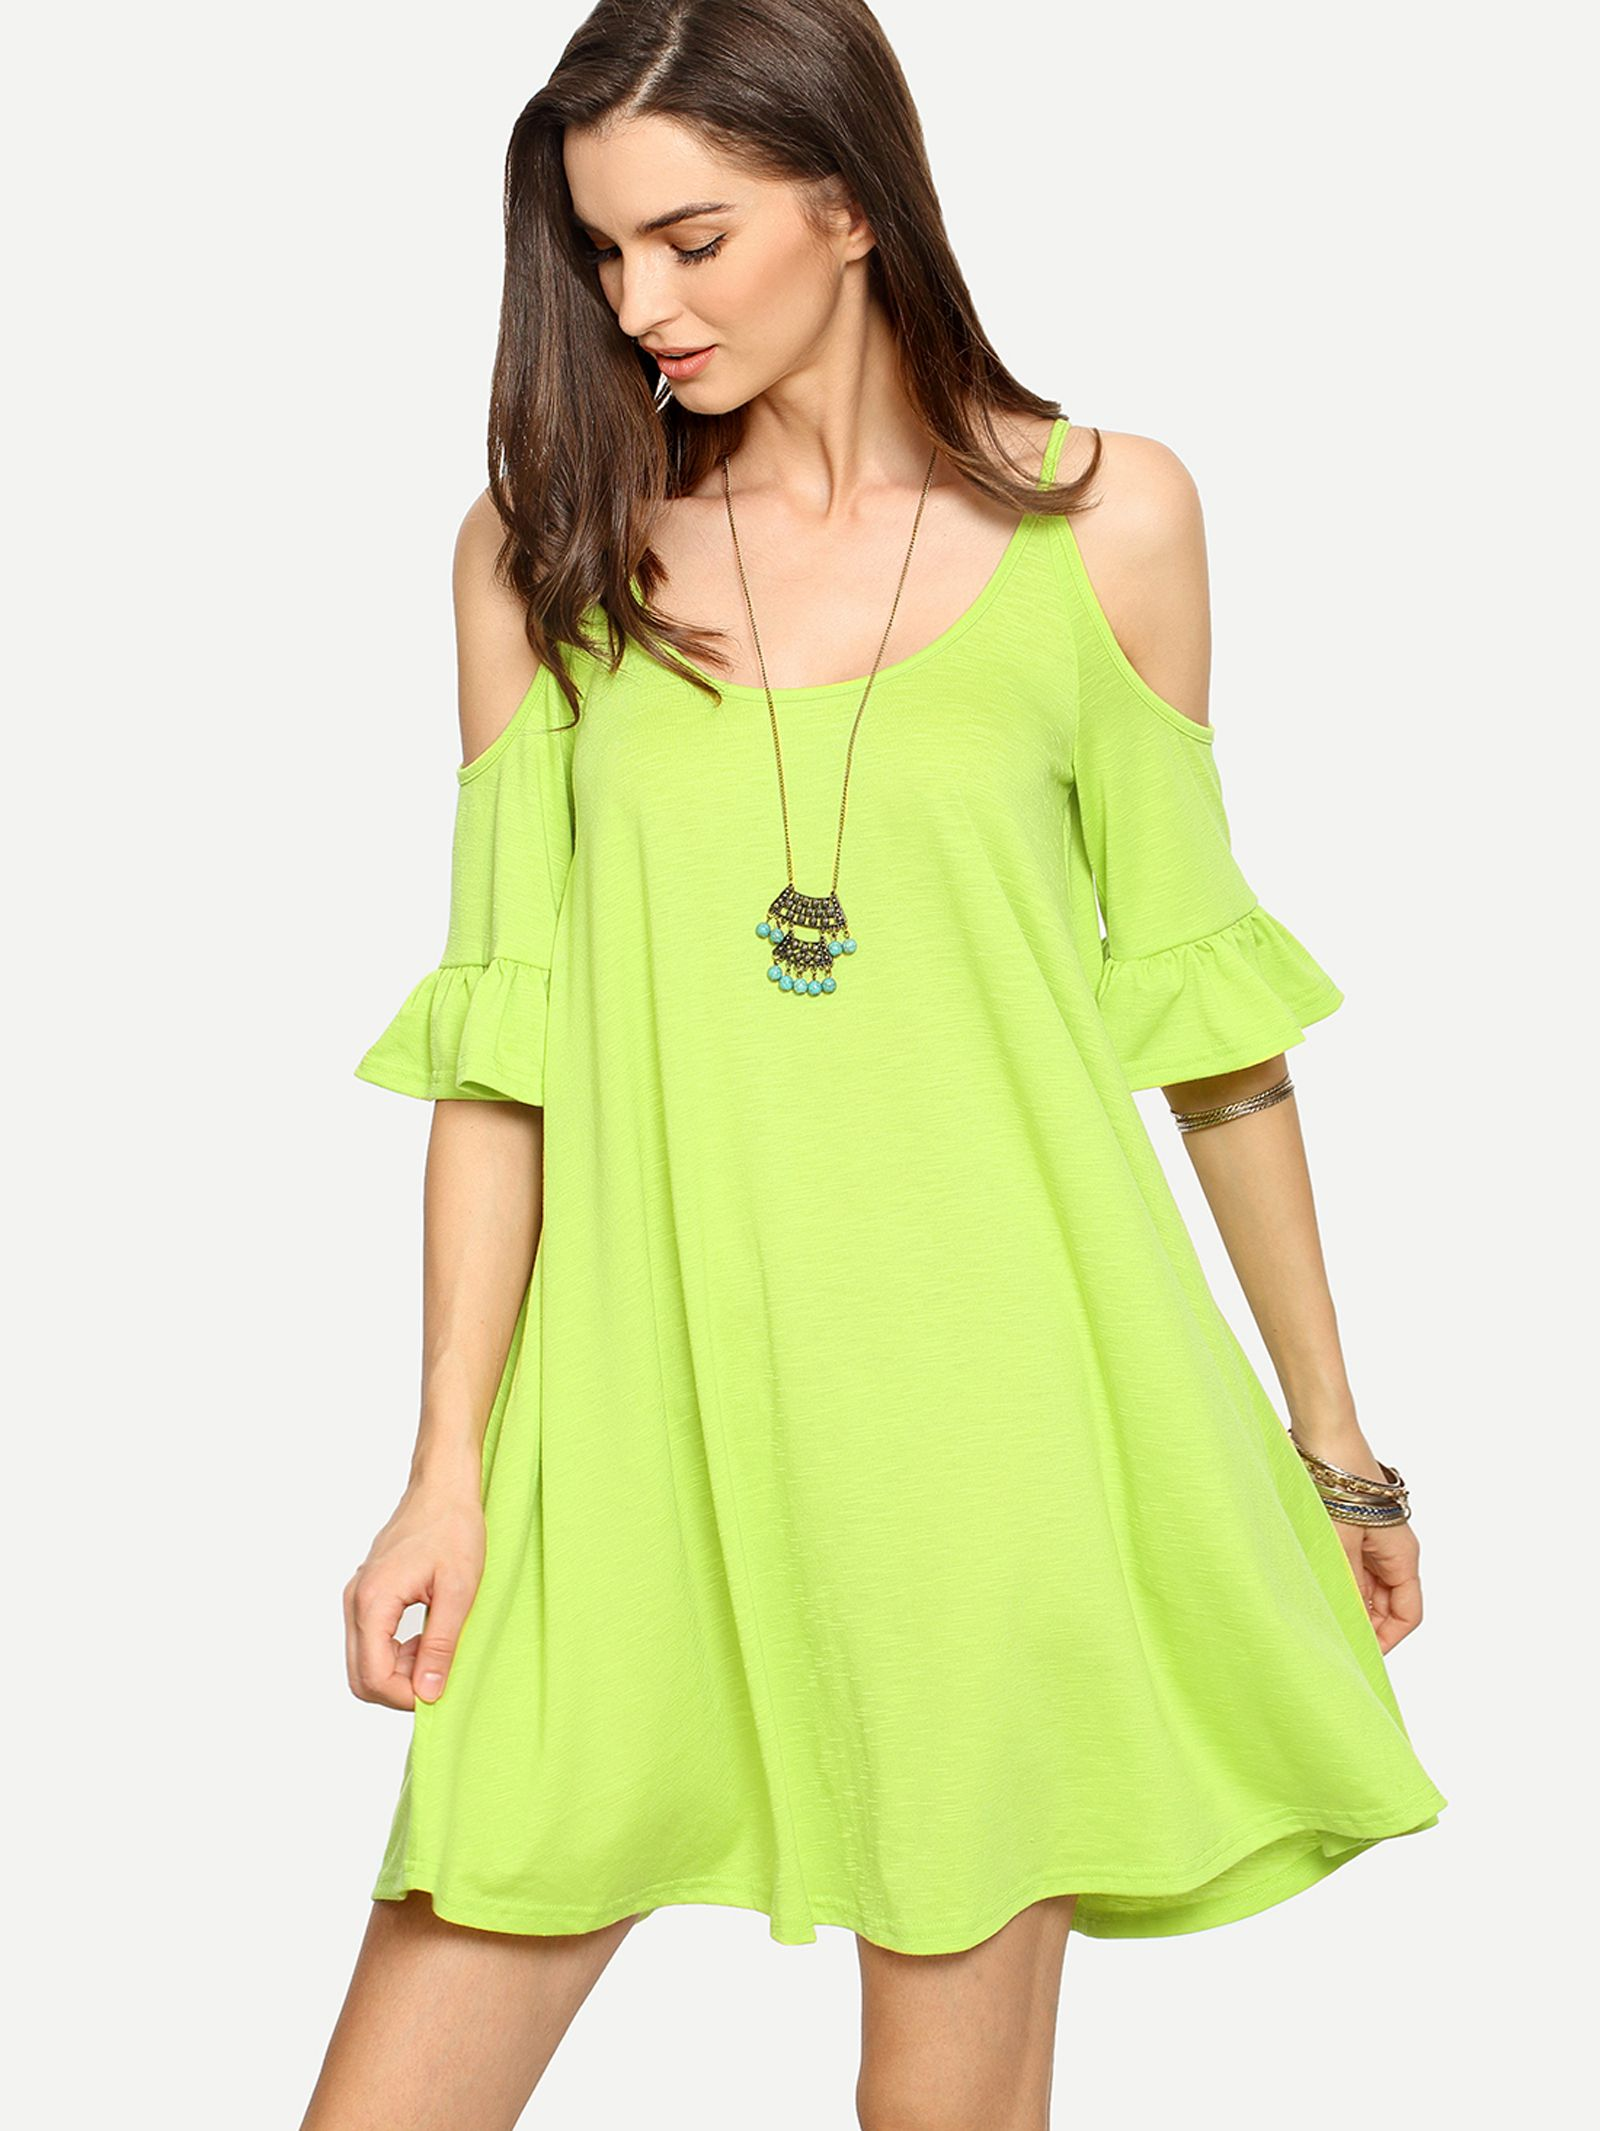 219b5075e3 Fruit Green Cold Shoulder Ruffle Cuff Shift Dress -SheIn(Sheinside ...